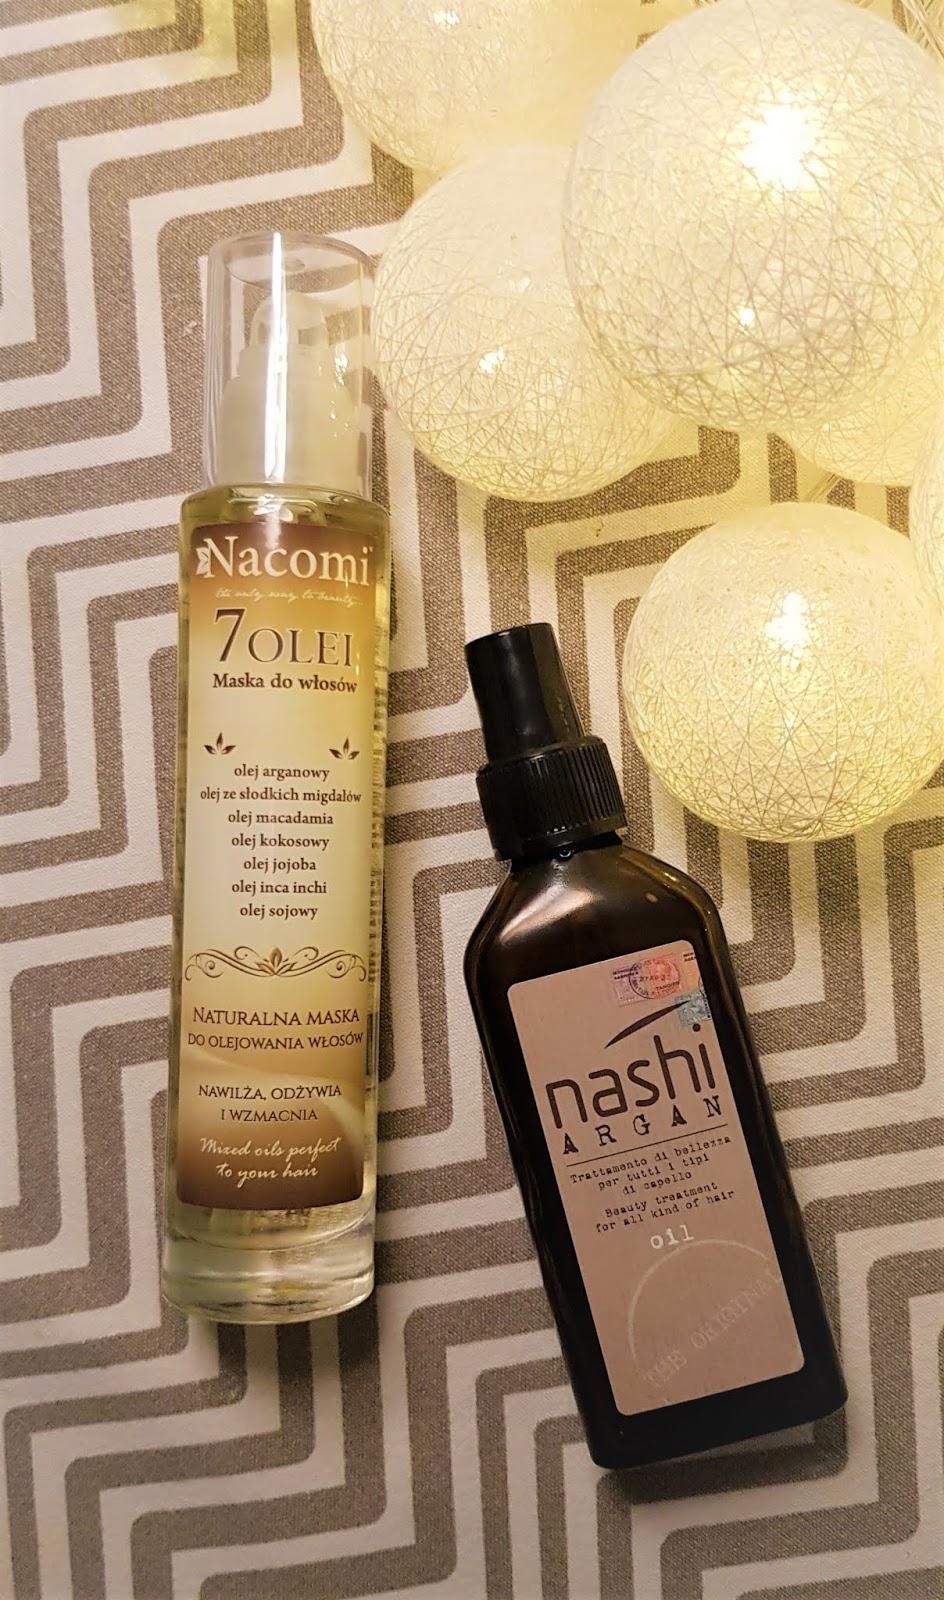 Nacomi naturalna maska do olejowania włosów 7 olei